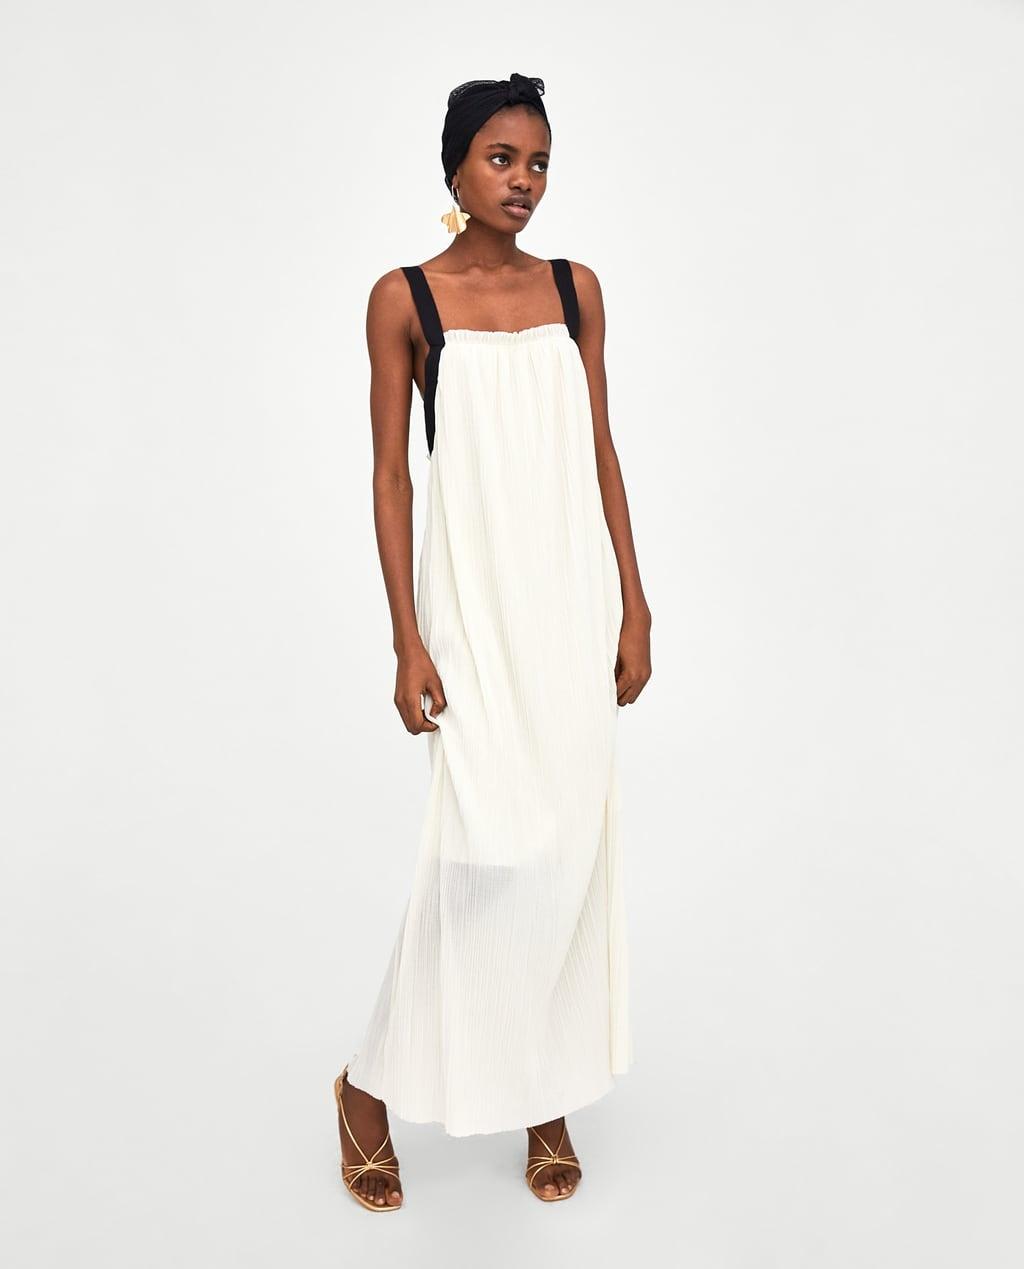 ea761abd04 Zara rewelacyjna sukienka rozmiar M - 7447090963 - oficjalne ...